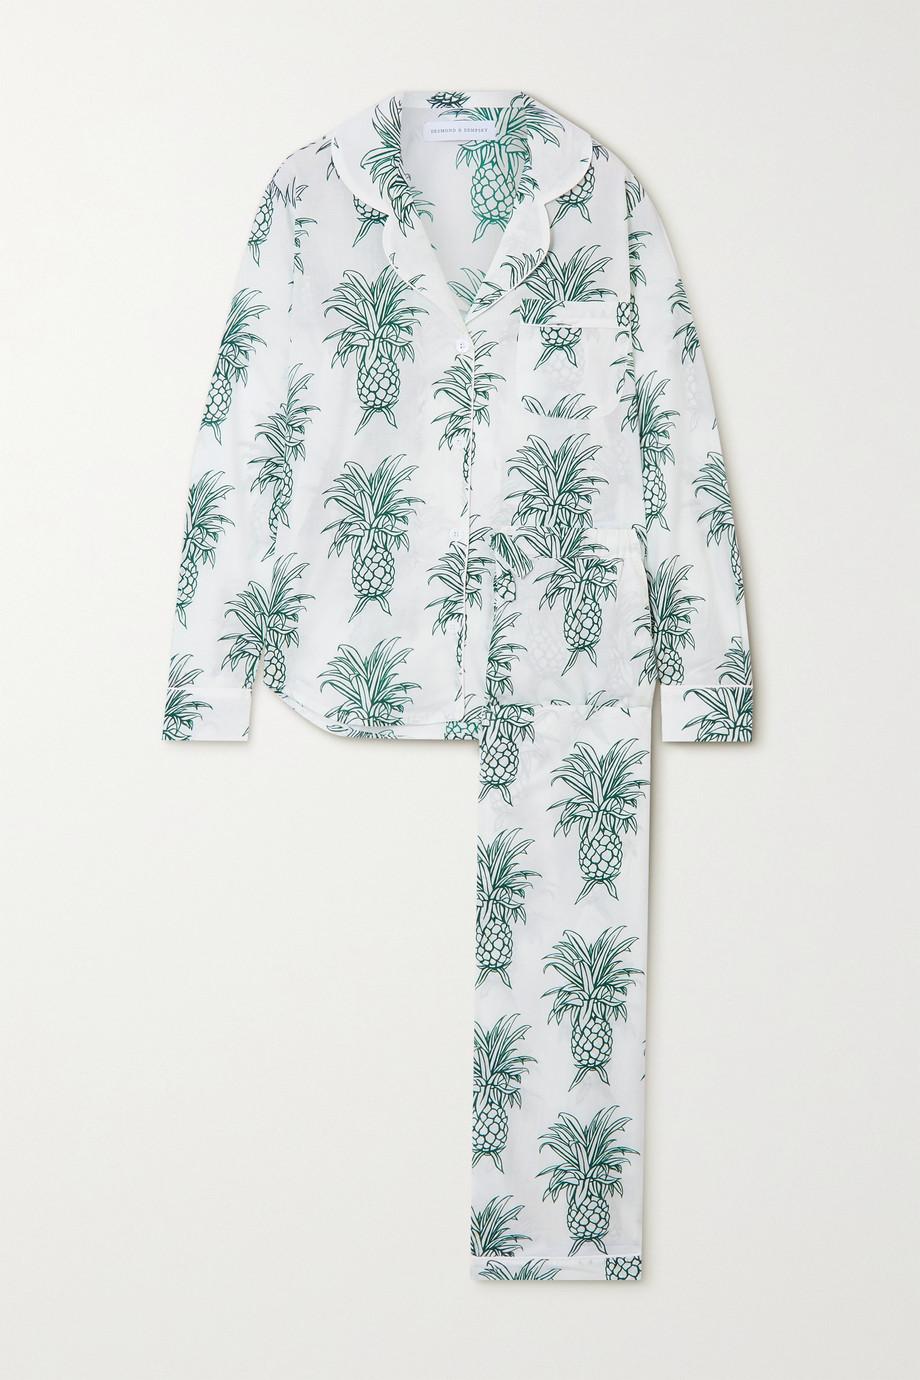 Desmond & Dempsey Howie bedruckter Pyjama aus Biobaumwolle